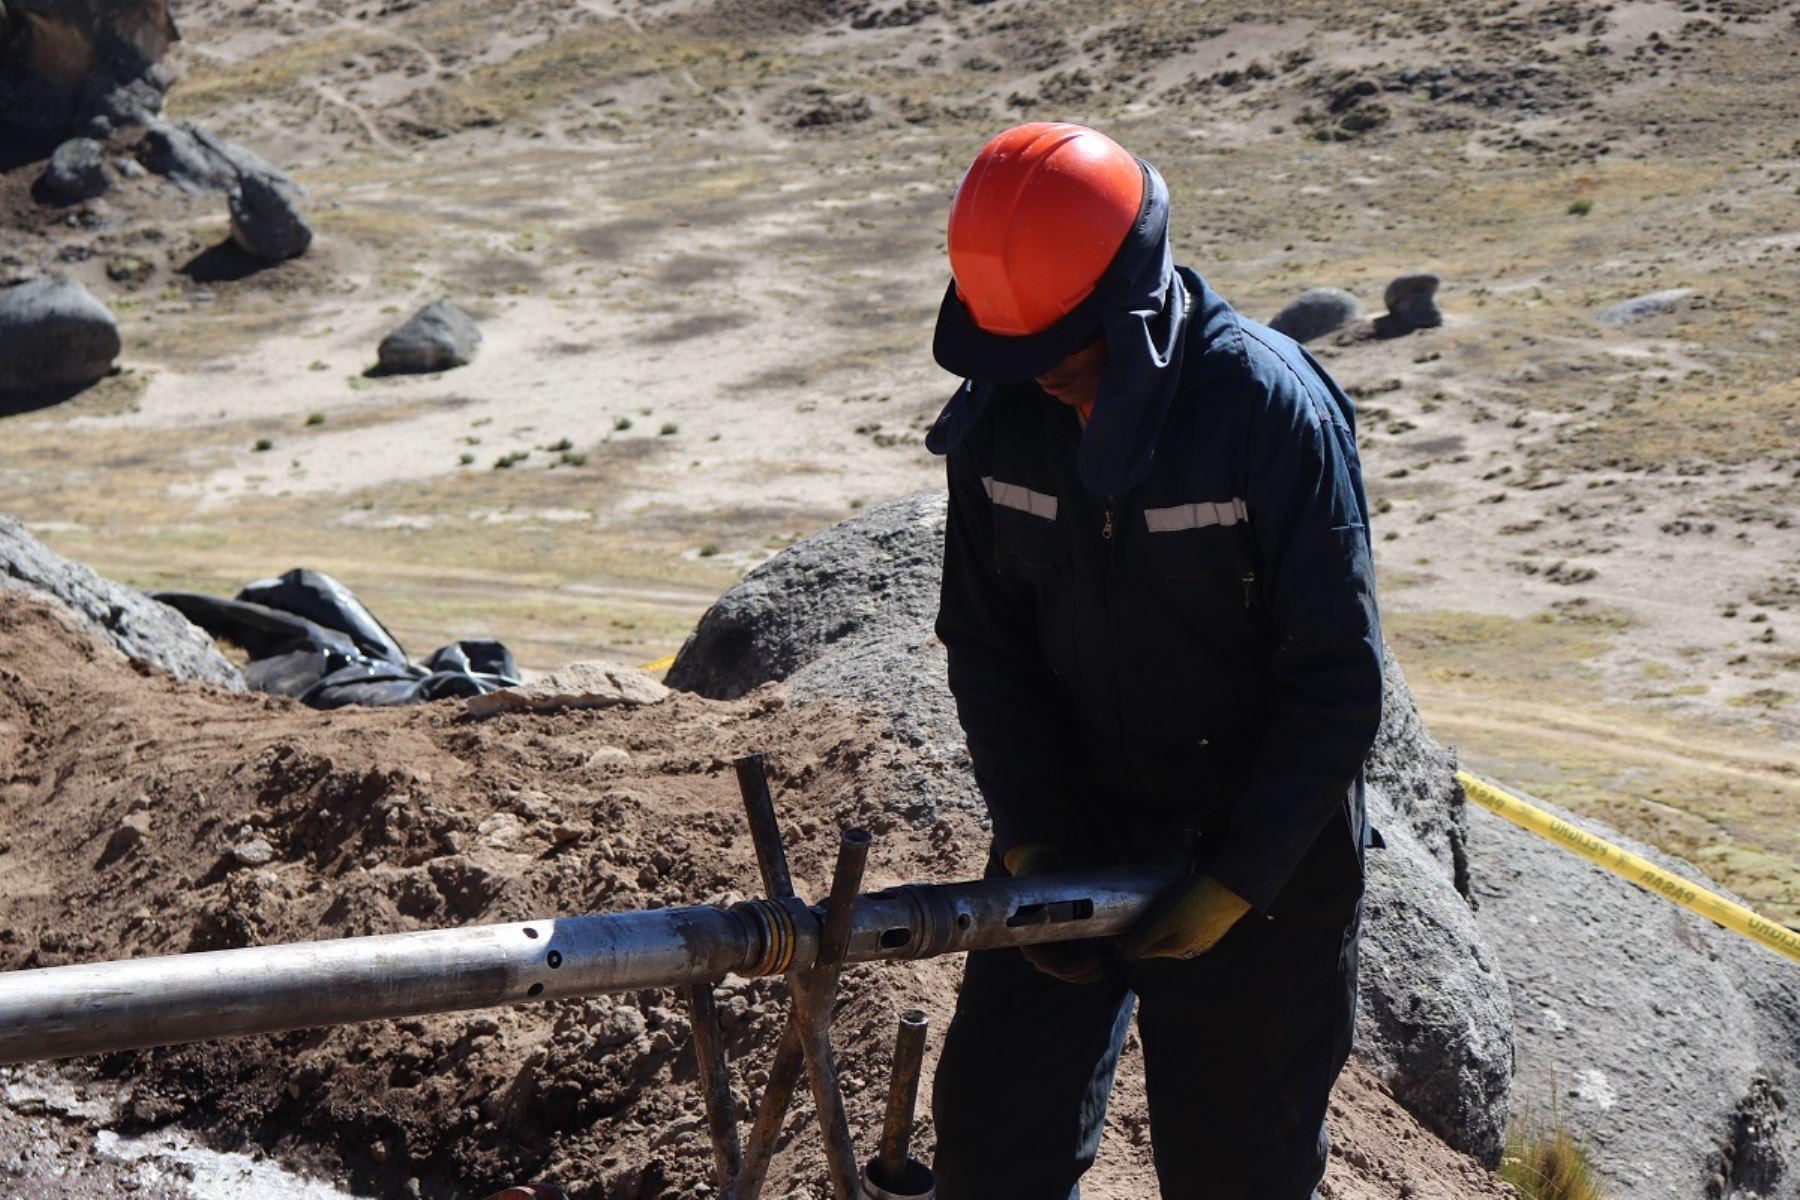 Trabajos de exploración de litio y uranio en Macusani. Foto: Cortesía.